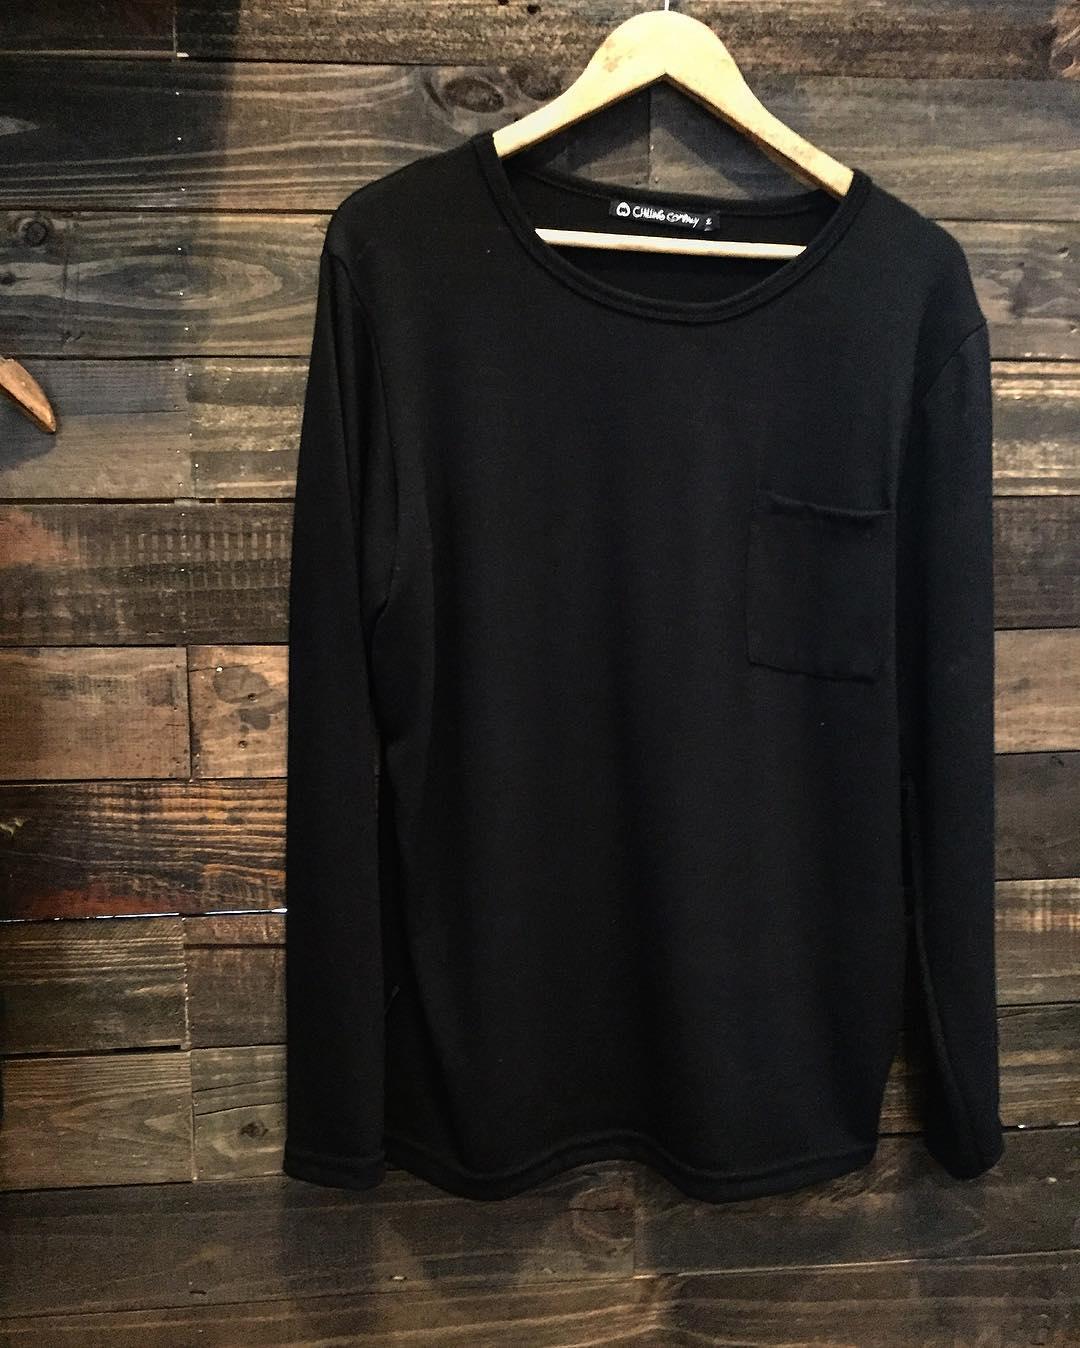 Nuevo Sweater con bolsillo y buen cuello. Disponible en negro y gris en nuestros locales. Bien fresco para primavera.